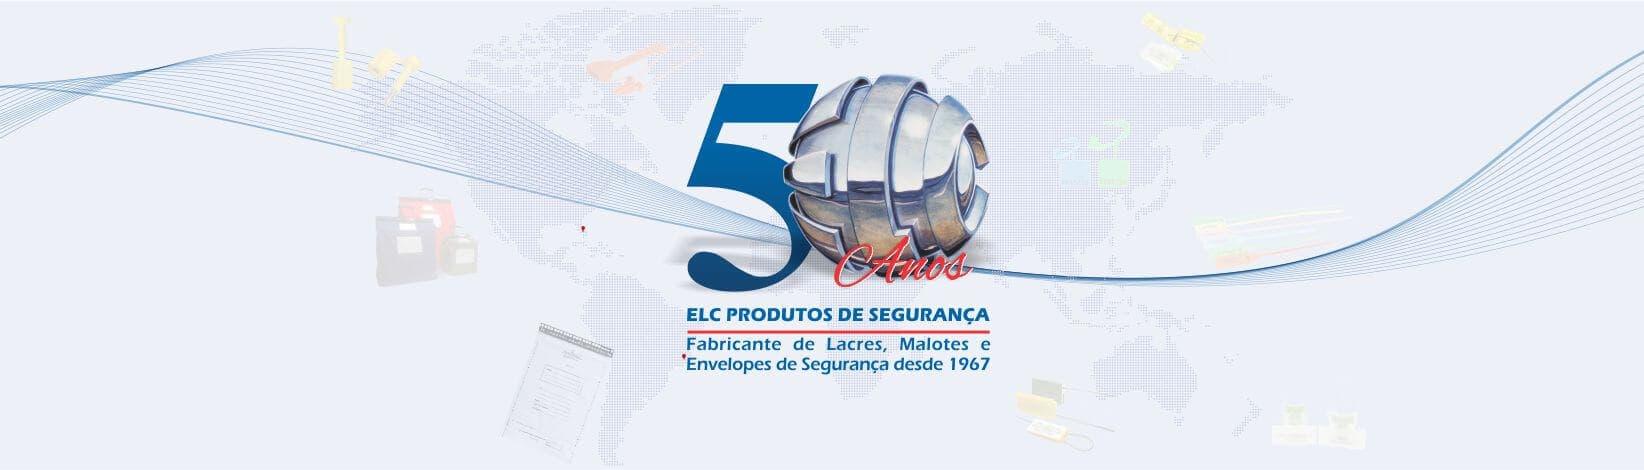 elc-50-anos